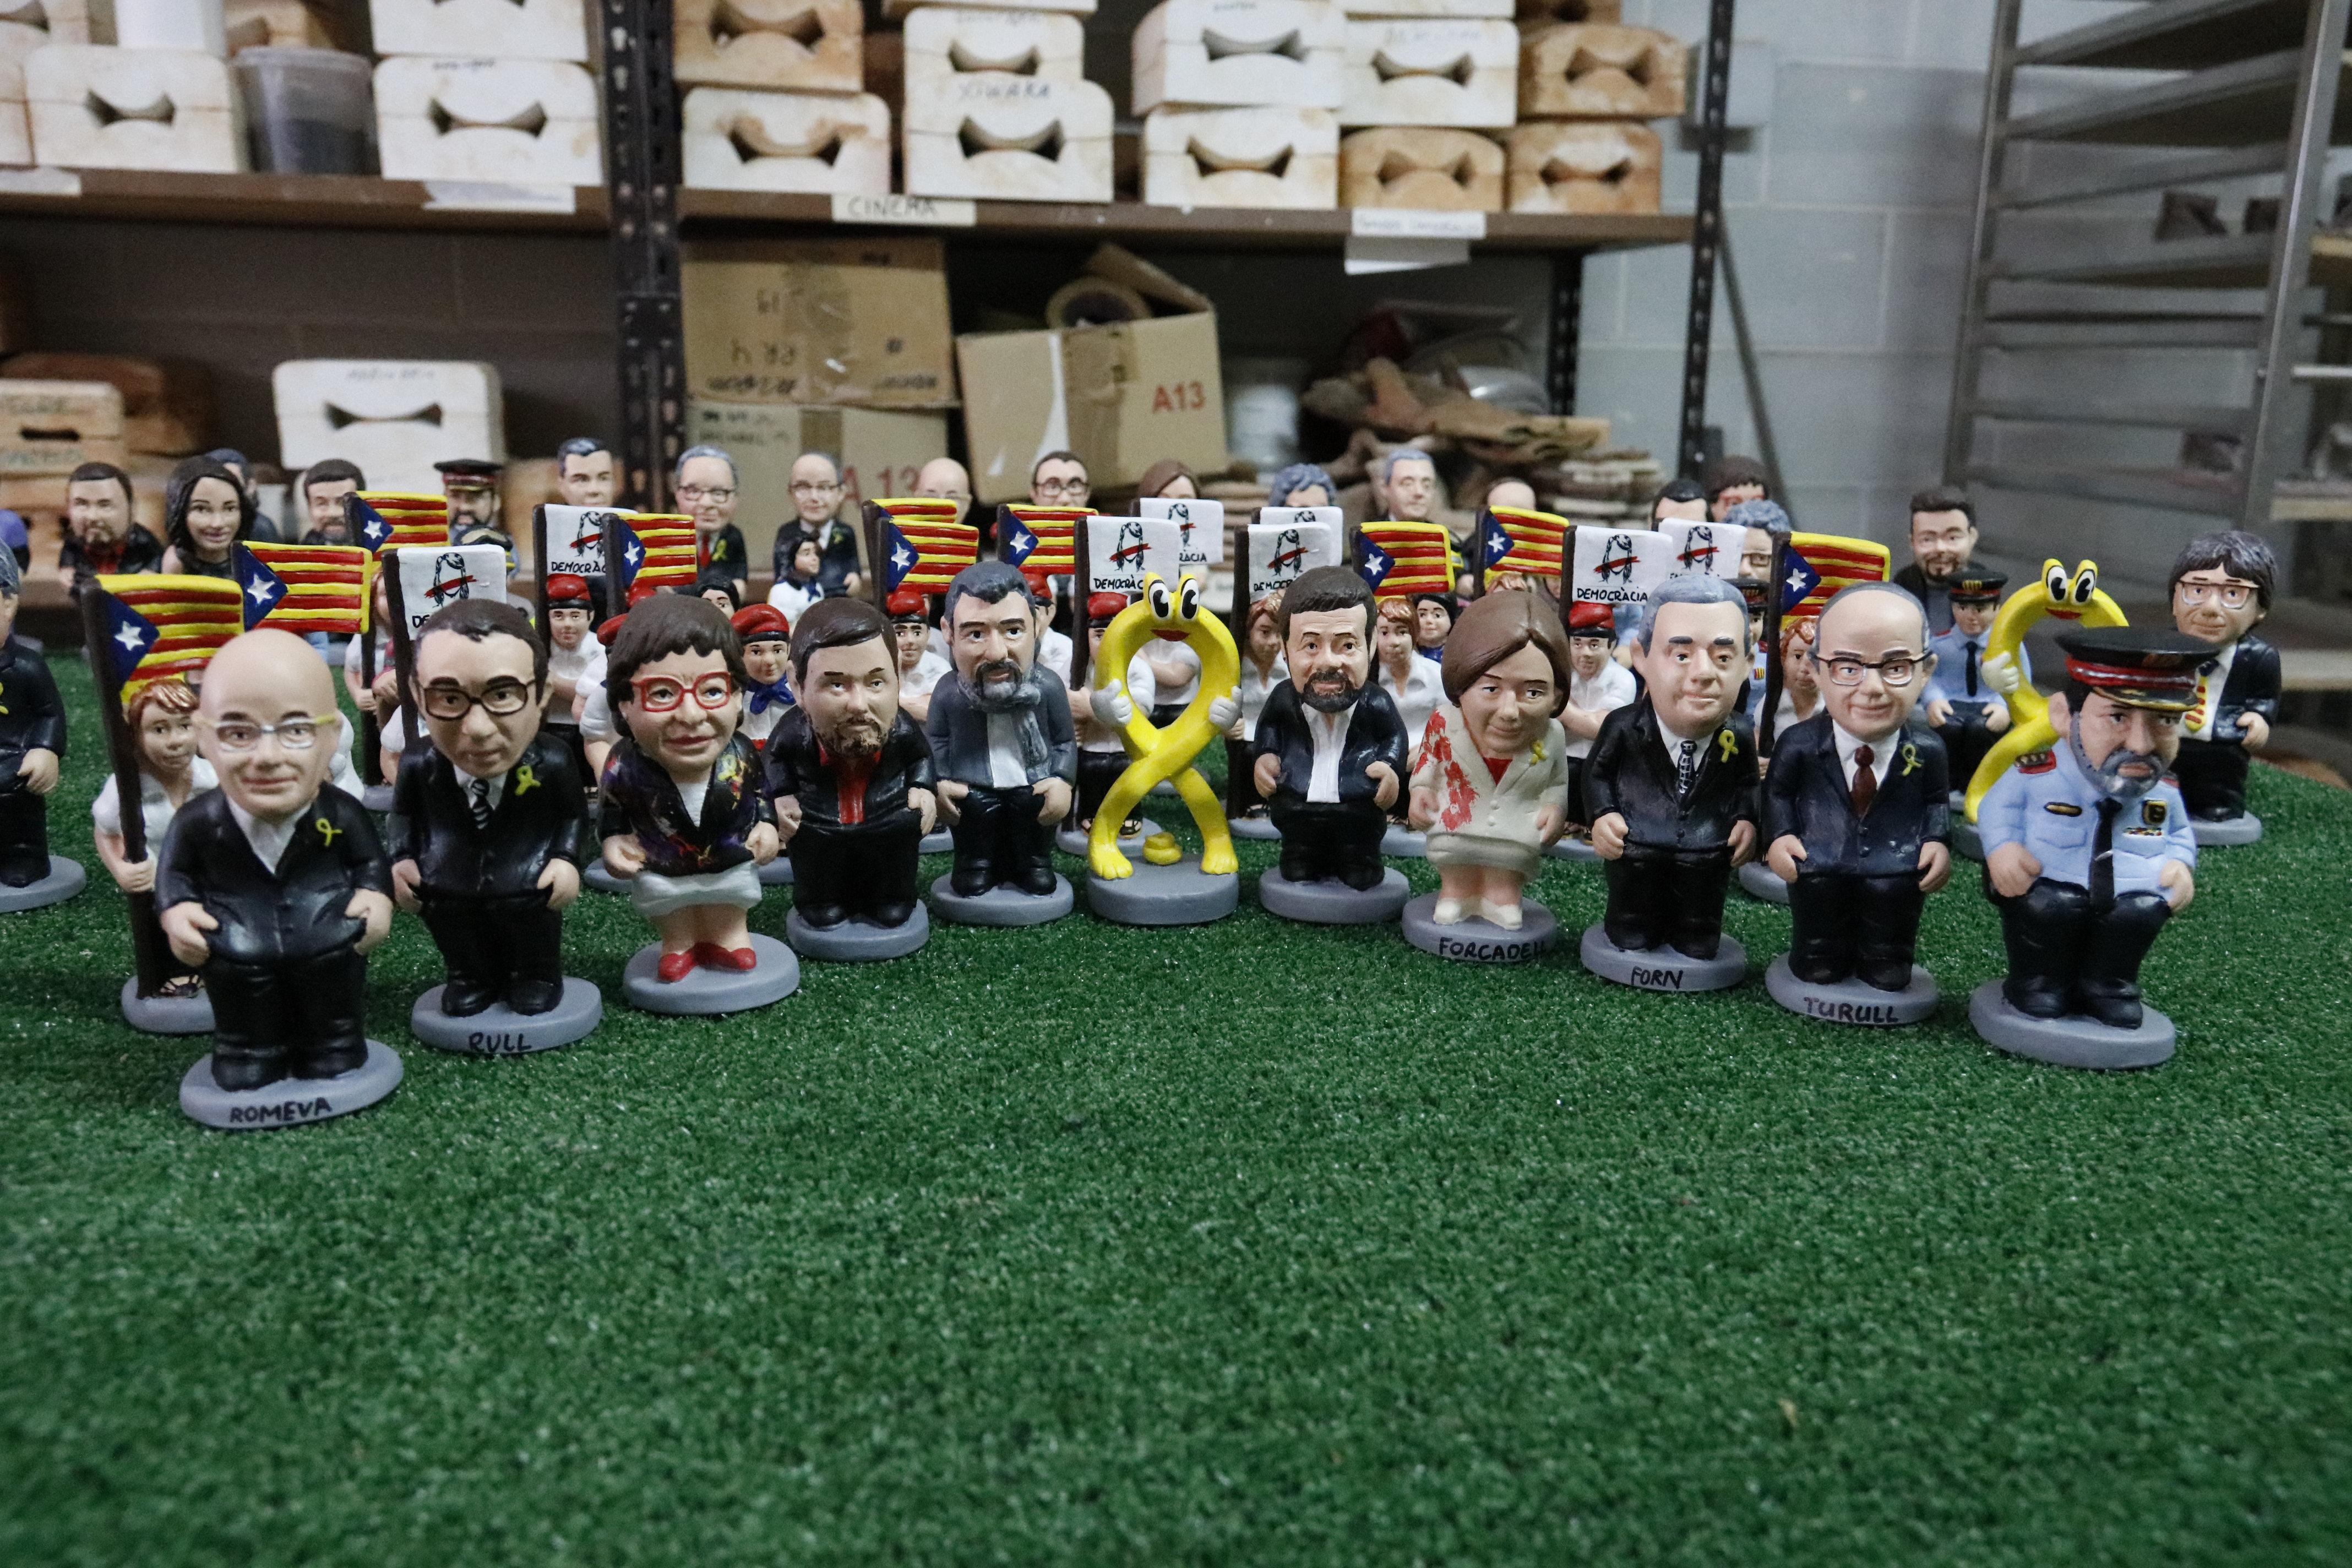 Els nous caganers de Caganer.com amb el llaç groc al mig i els empresonats als costats | Imatge de l'ACN